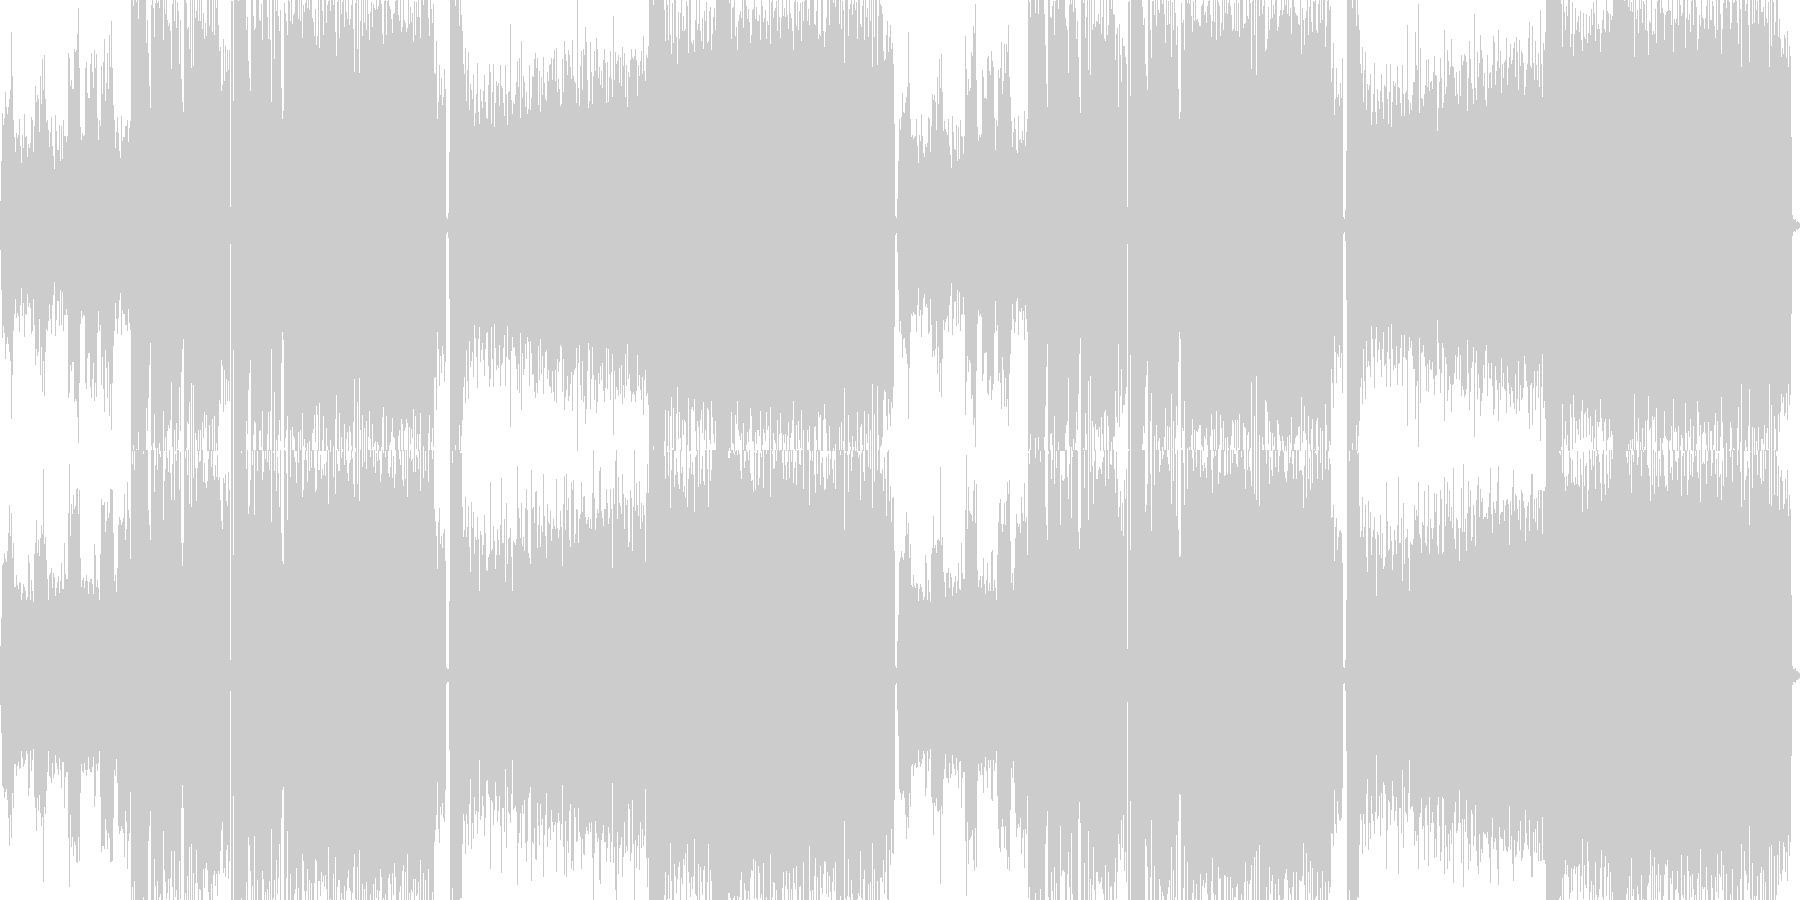 迫力と重圧感があるメタルバトル曲の未再生の波形